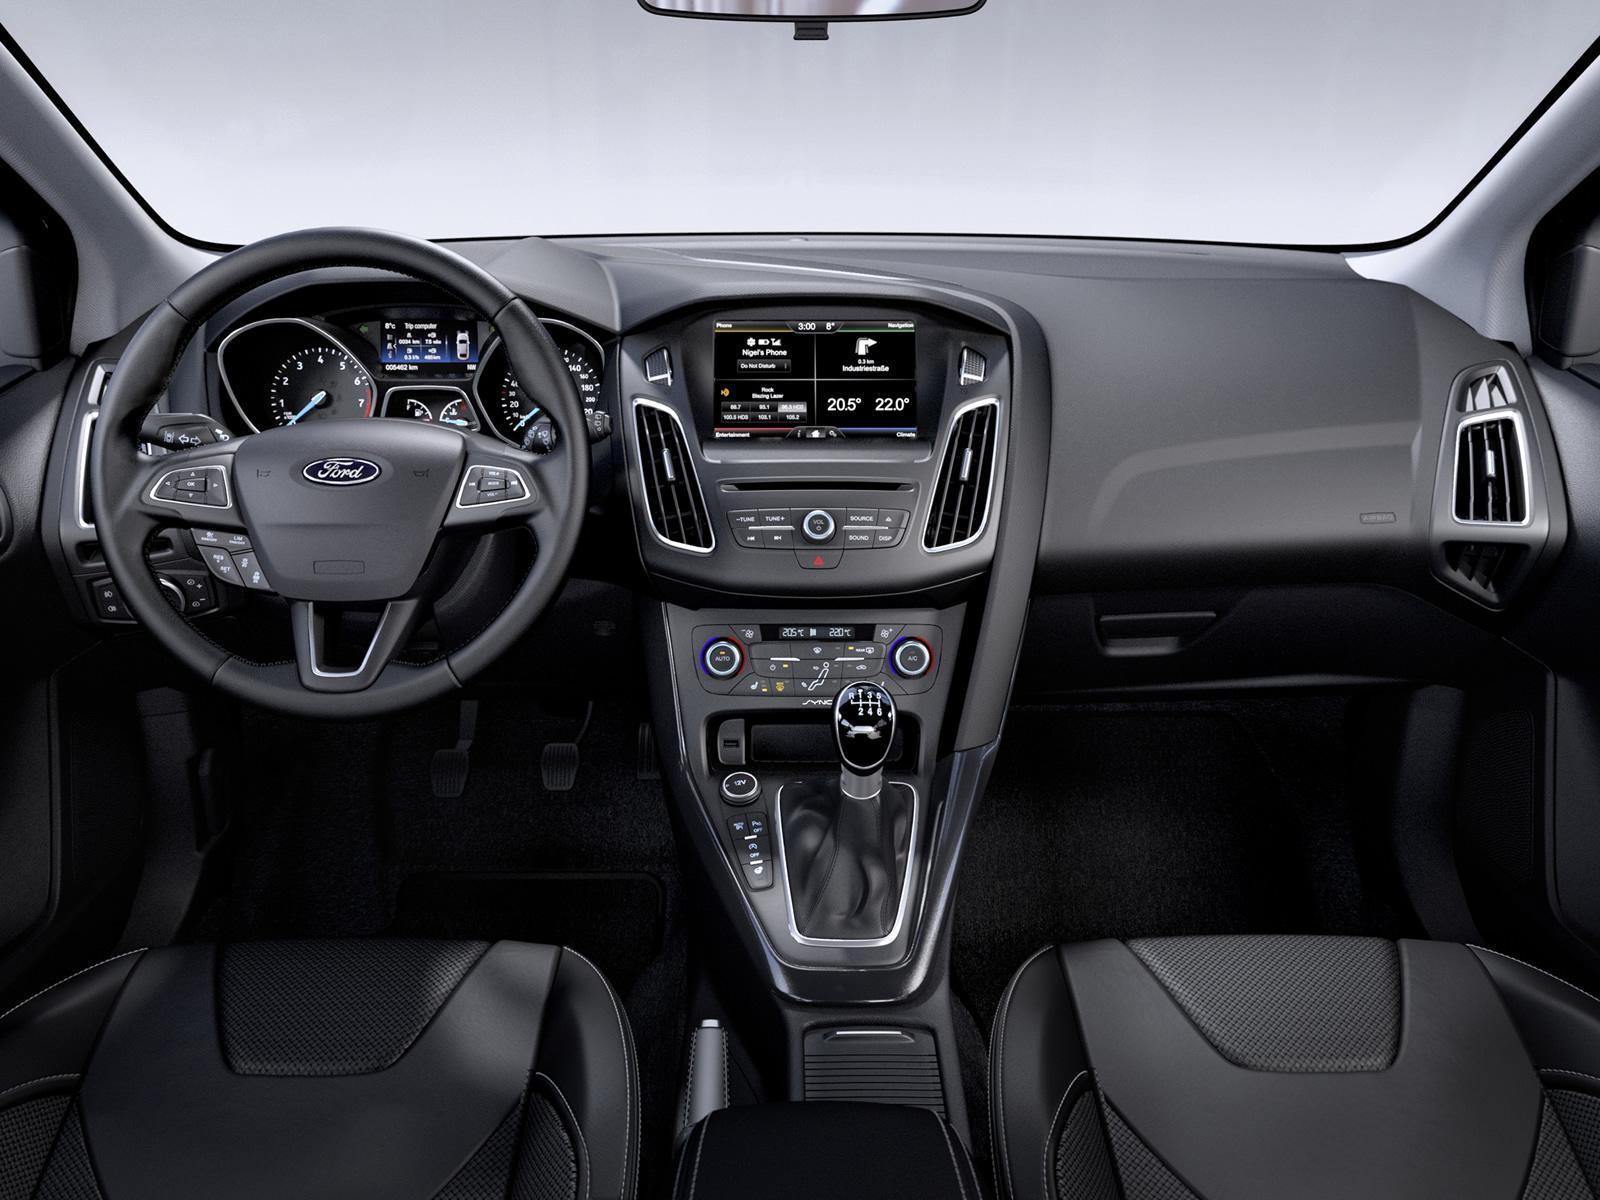 New 2014 Ford Focus Interior